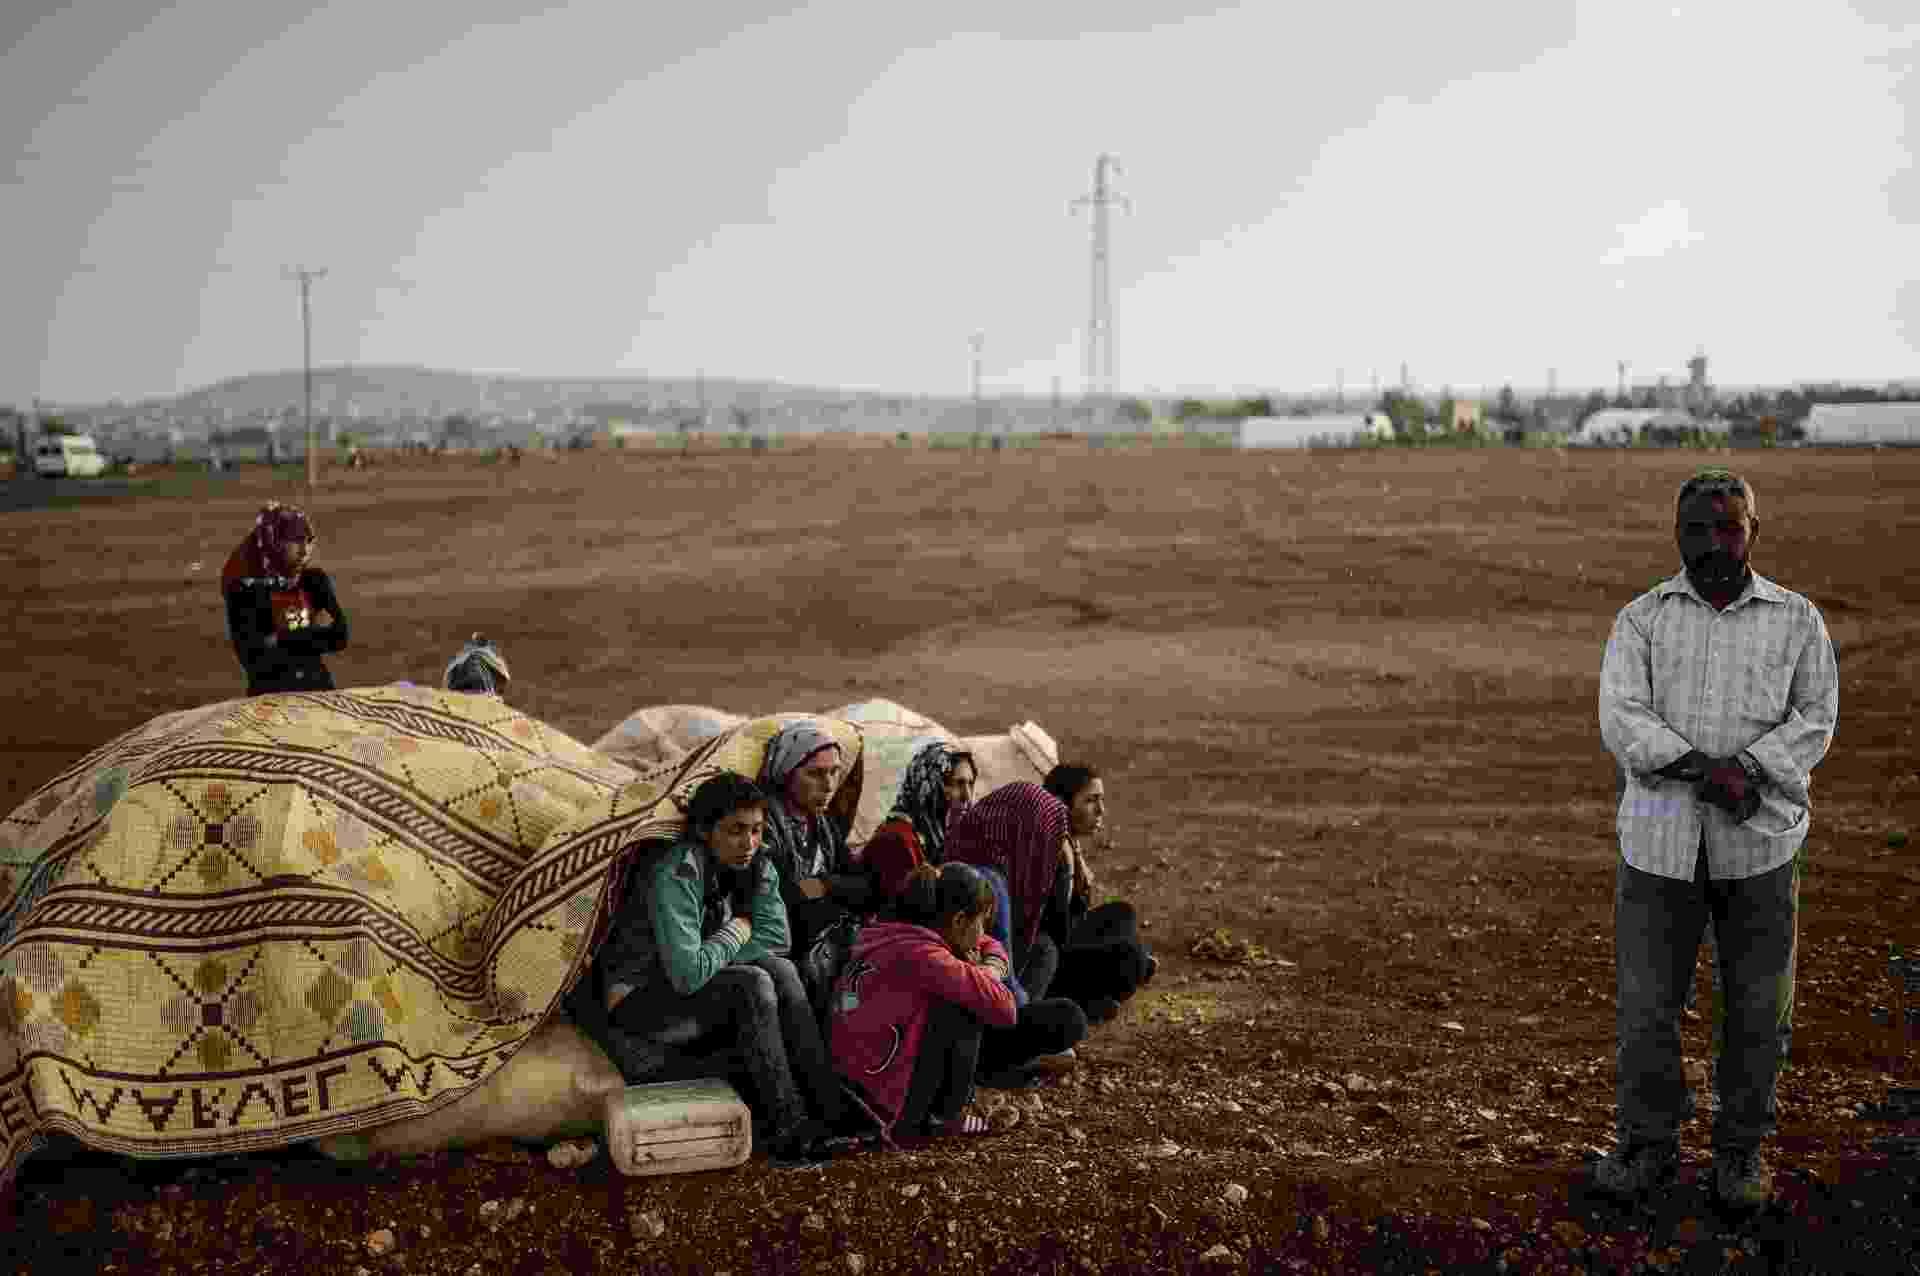 2.out.2014 - Curdos sírios se encondem da chuva na província de Sanliurfa, depois de cruzar a fronteira entre a Síria e a Turquia. Combatentes do Estado Islâmico estão empurrando o conflito em direção a uma cidade curda na fronteira da Síria com Turquia - Bulent Kilic/AFP